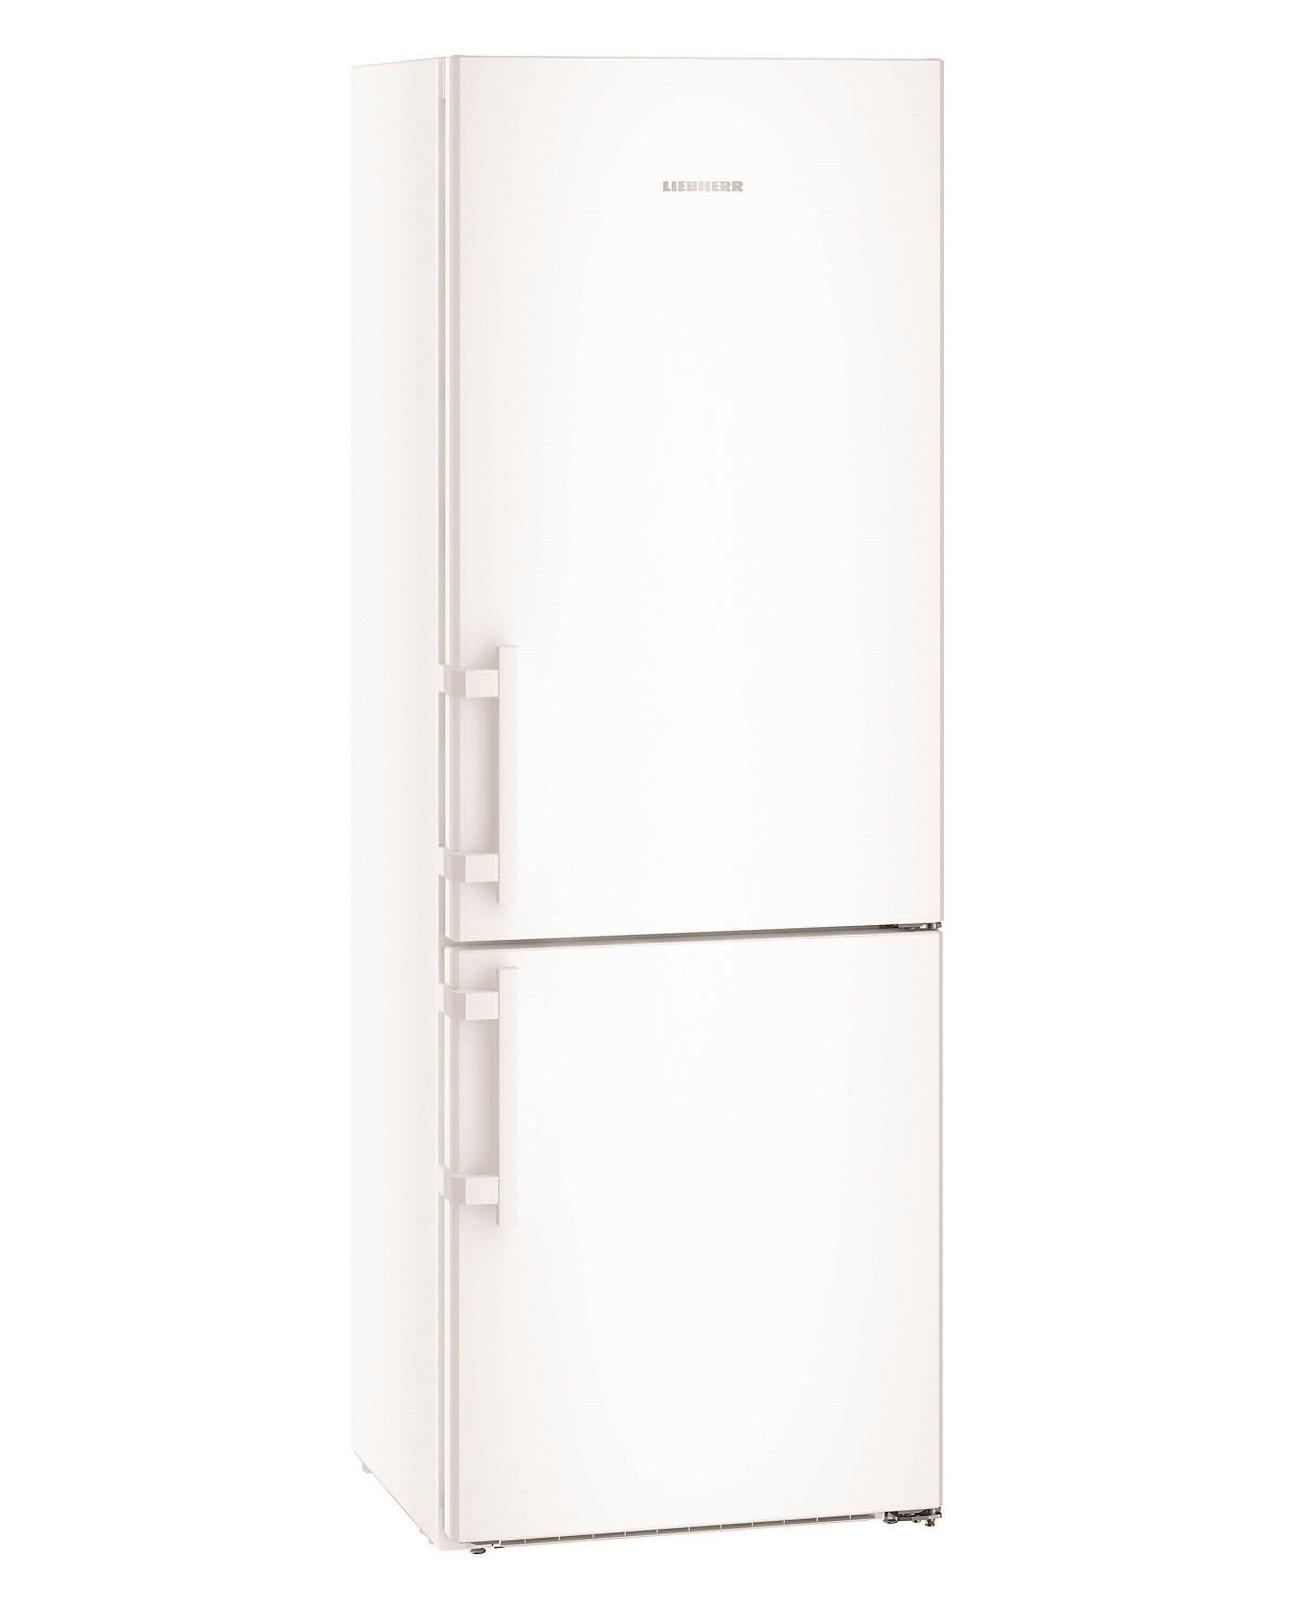 купить Двухкамерный холодильник Liebherr CN 5735 Украина фото 4